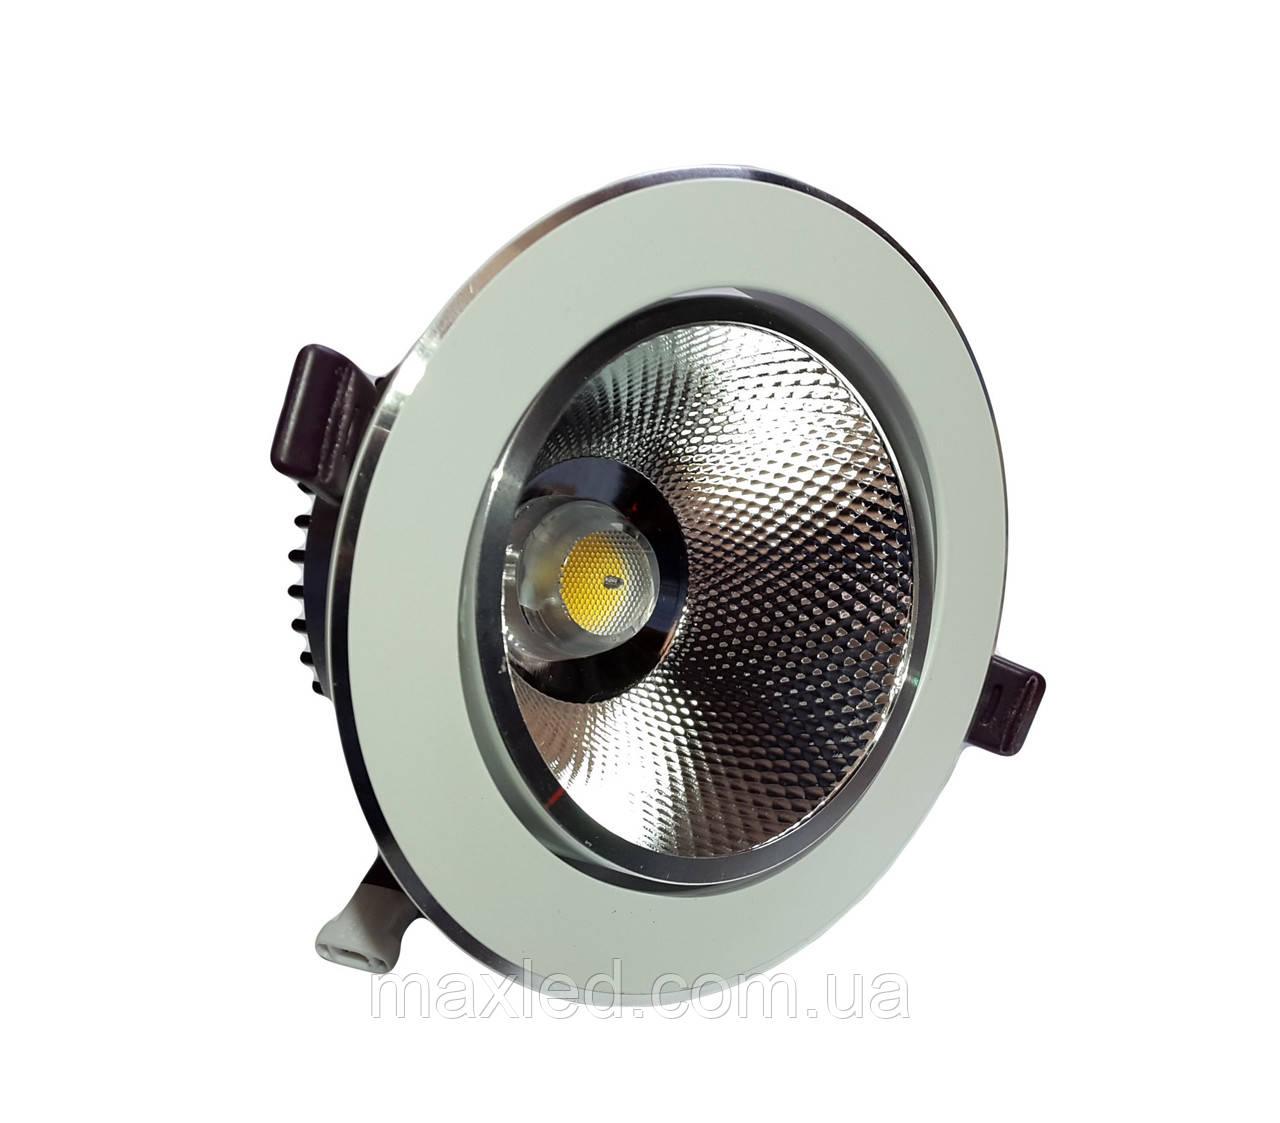 Светодиодный светильник 18Вт SC18WWX 130мм